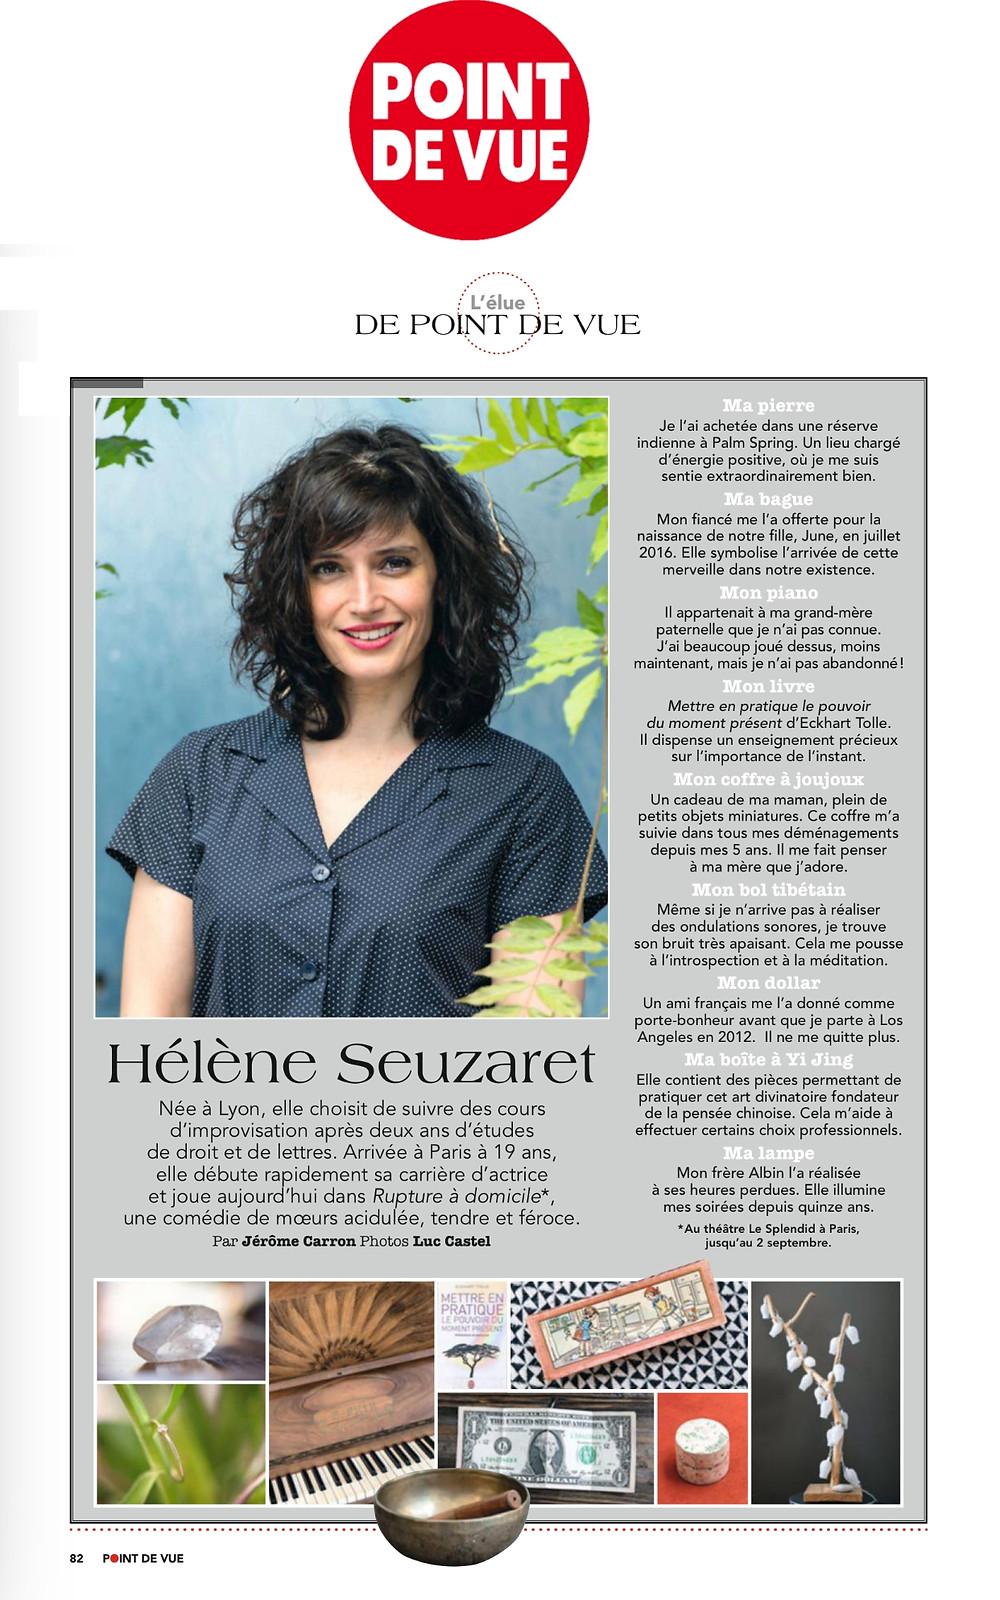 Les objets d'Hélène Seuzaret